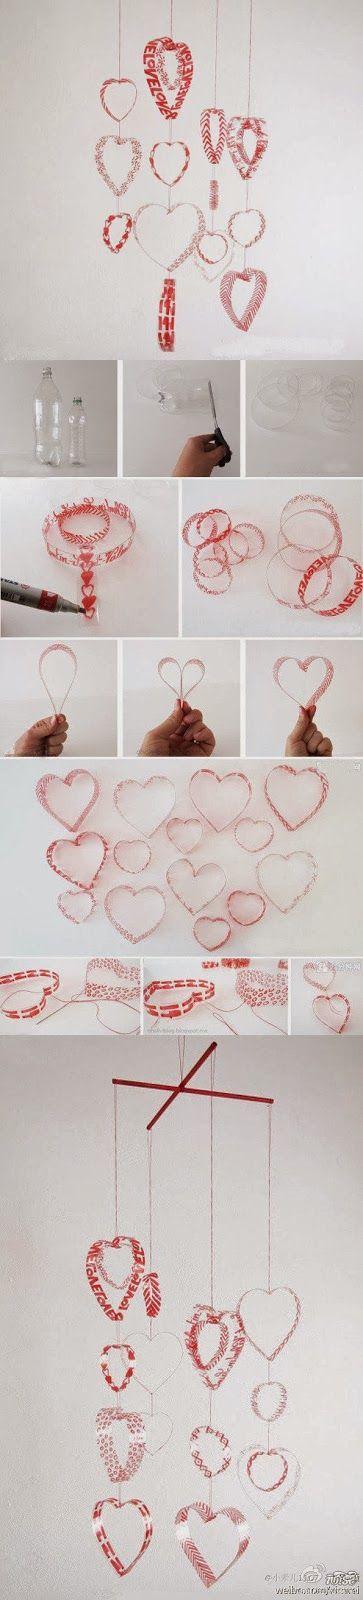 Móvil de corazones hechos de botellas de plástico recicladas  -  Mobile of hearts made of recycled plastic bottles: